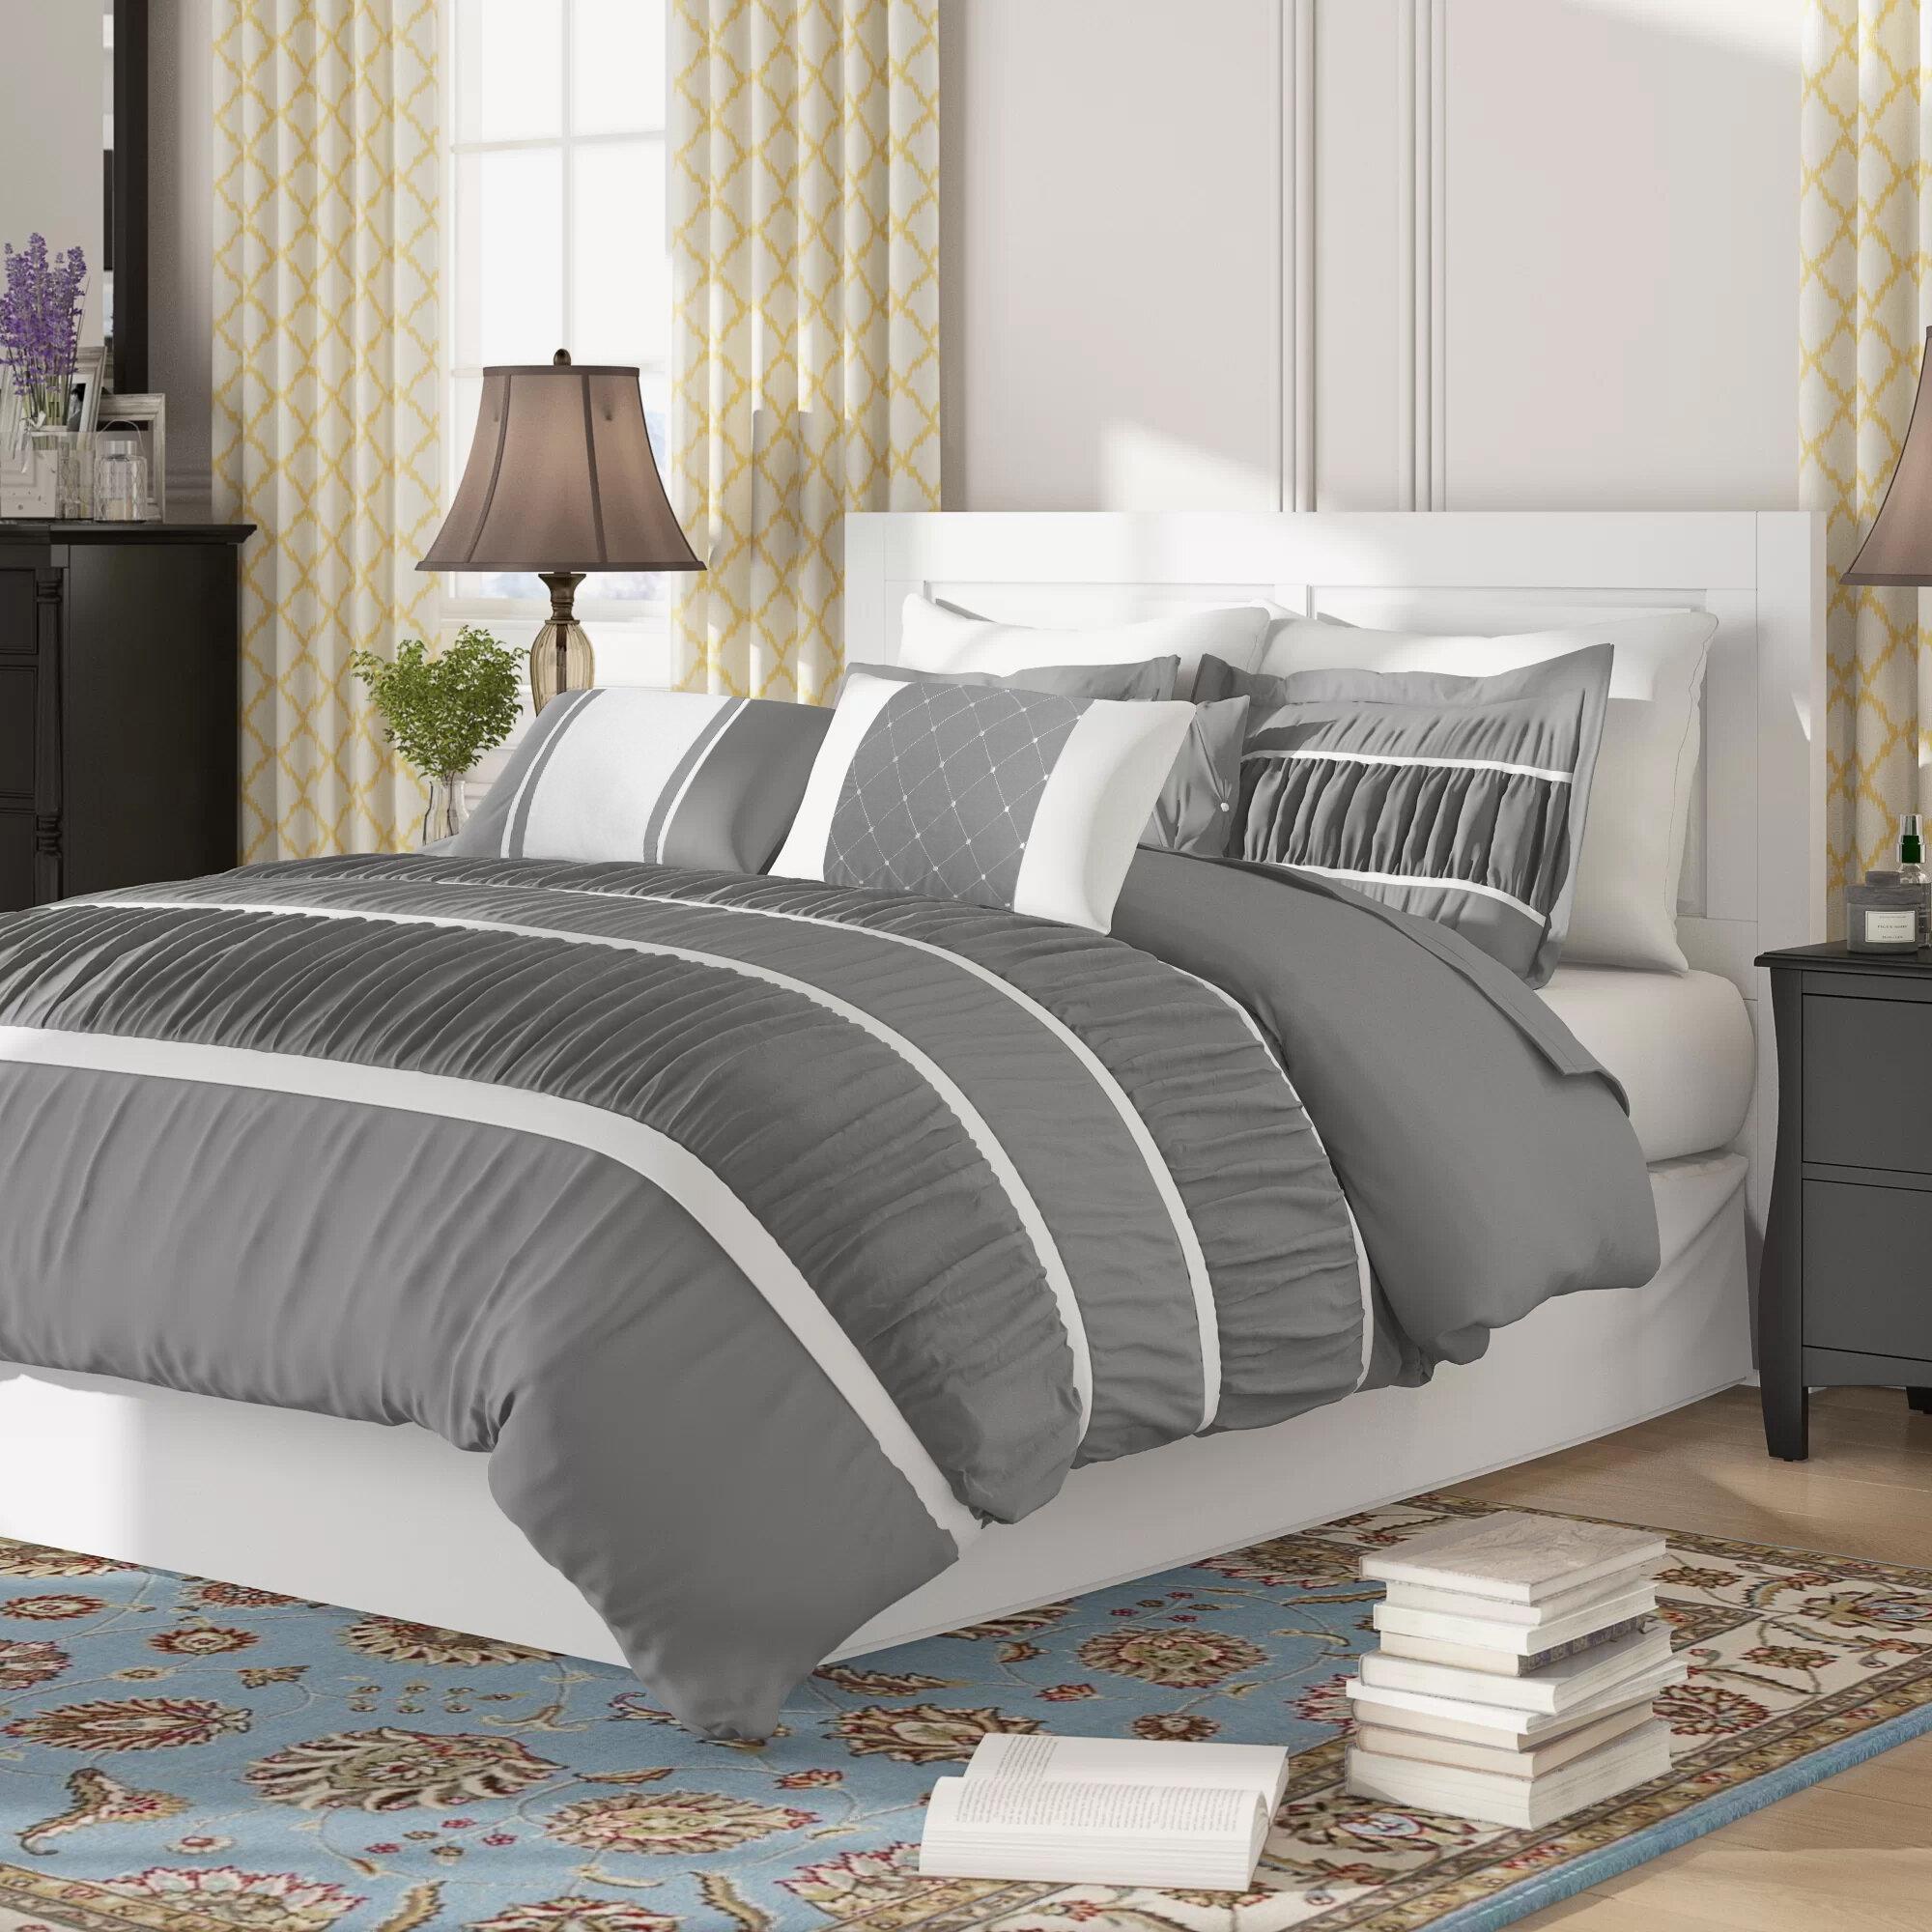 Astoria Grand Nelia 10 Piece Comforter Set Reviews Wayfair